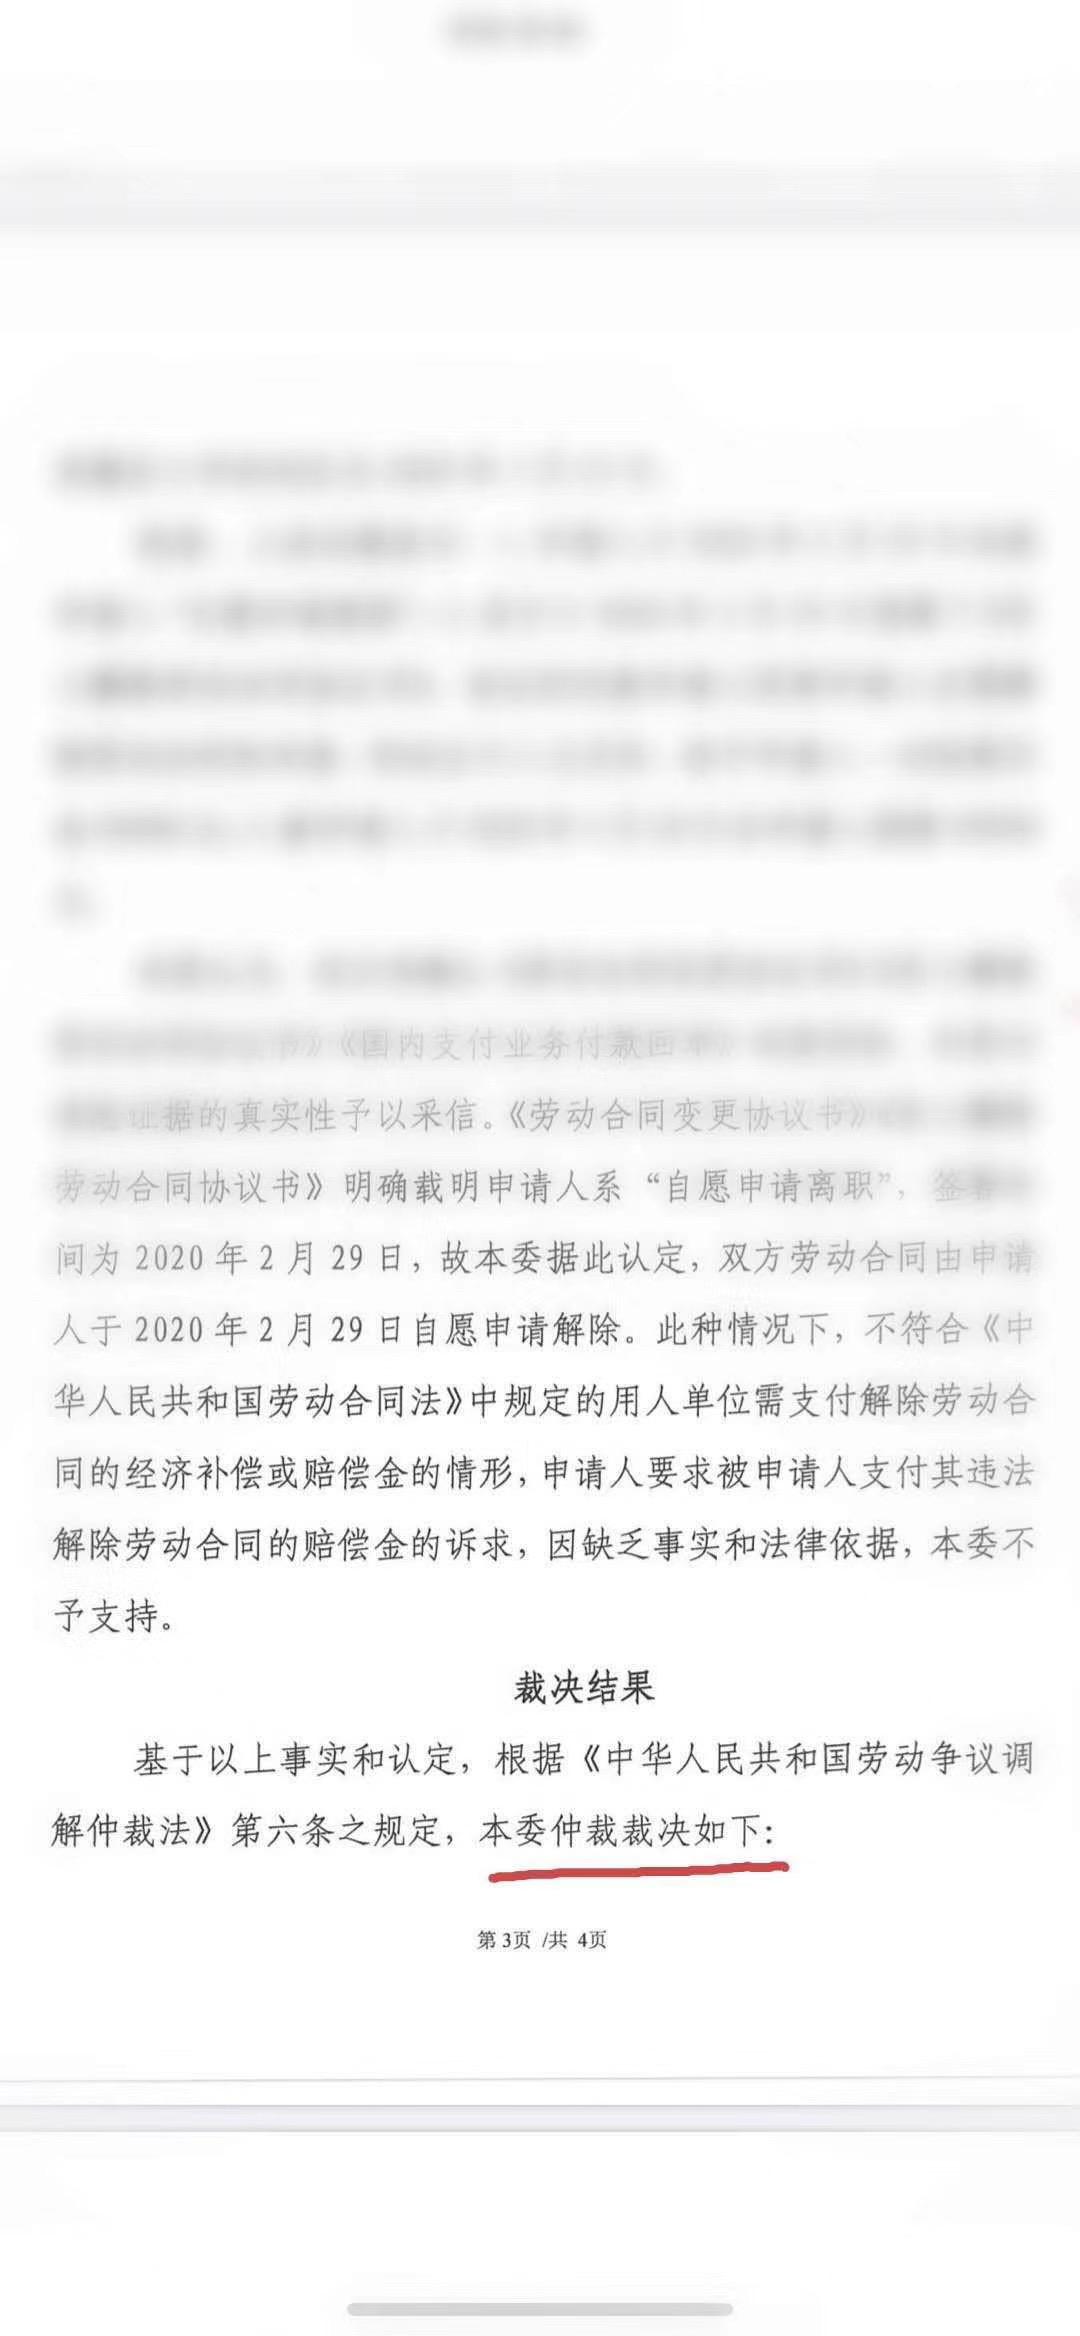 2020-12 胡某仲裁裁定書 3.jpg